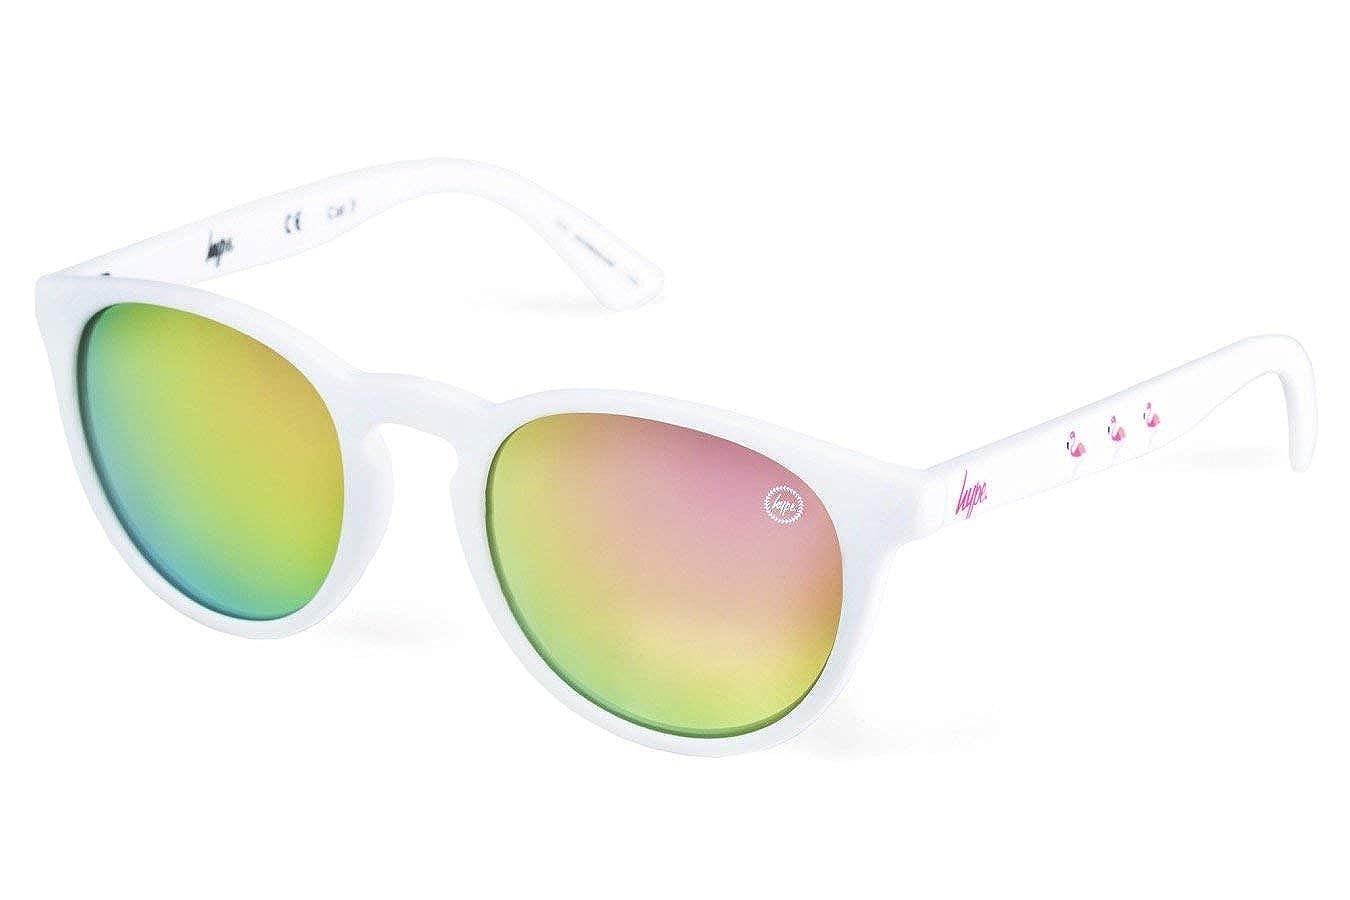 HYPE Gafas De Sol Blancas Tropical Hyperound: Amazon.es ...